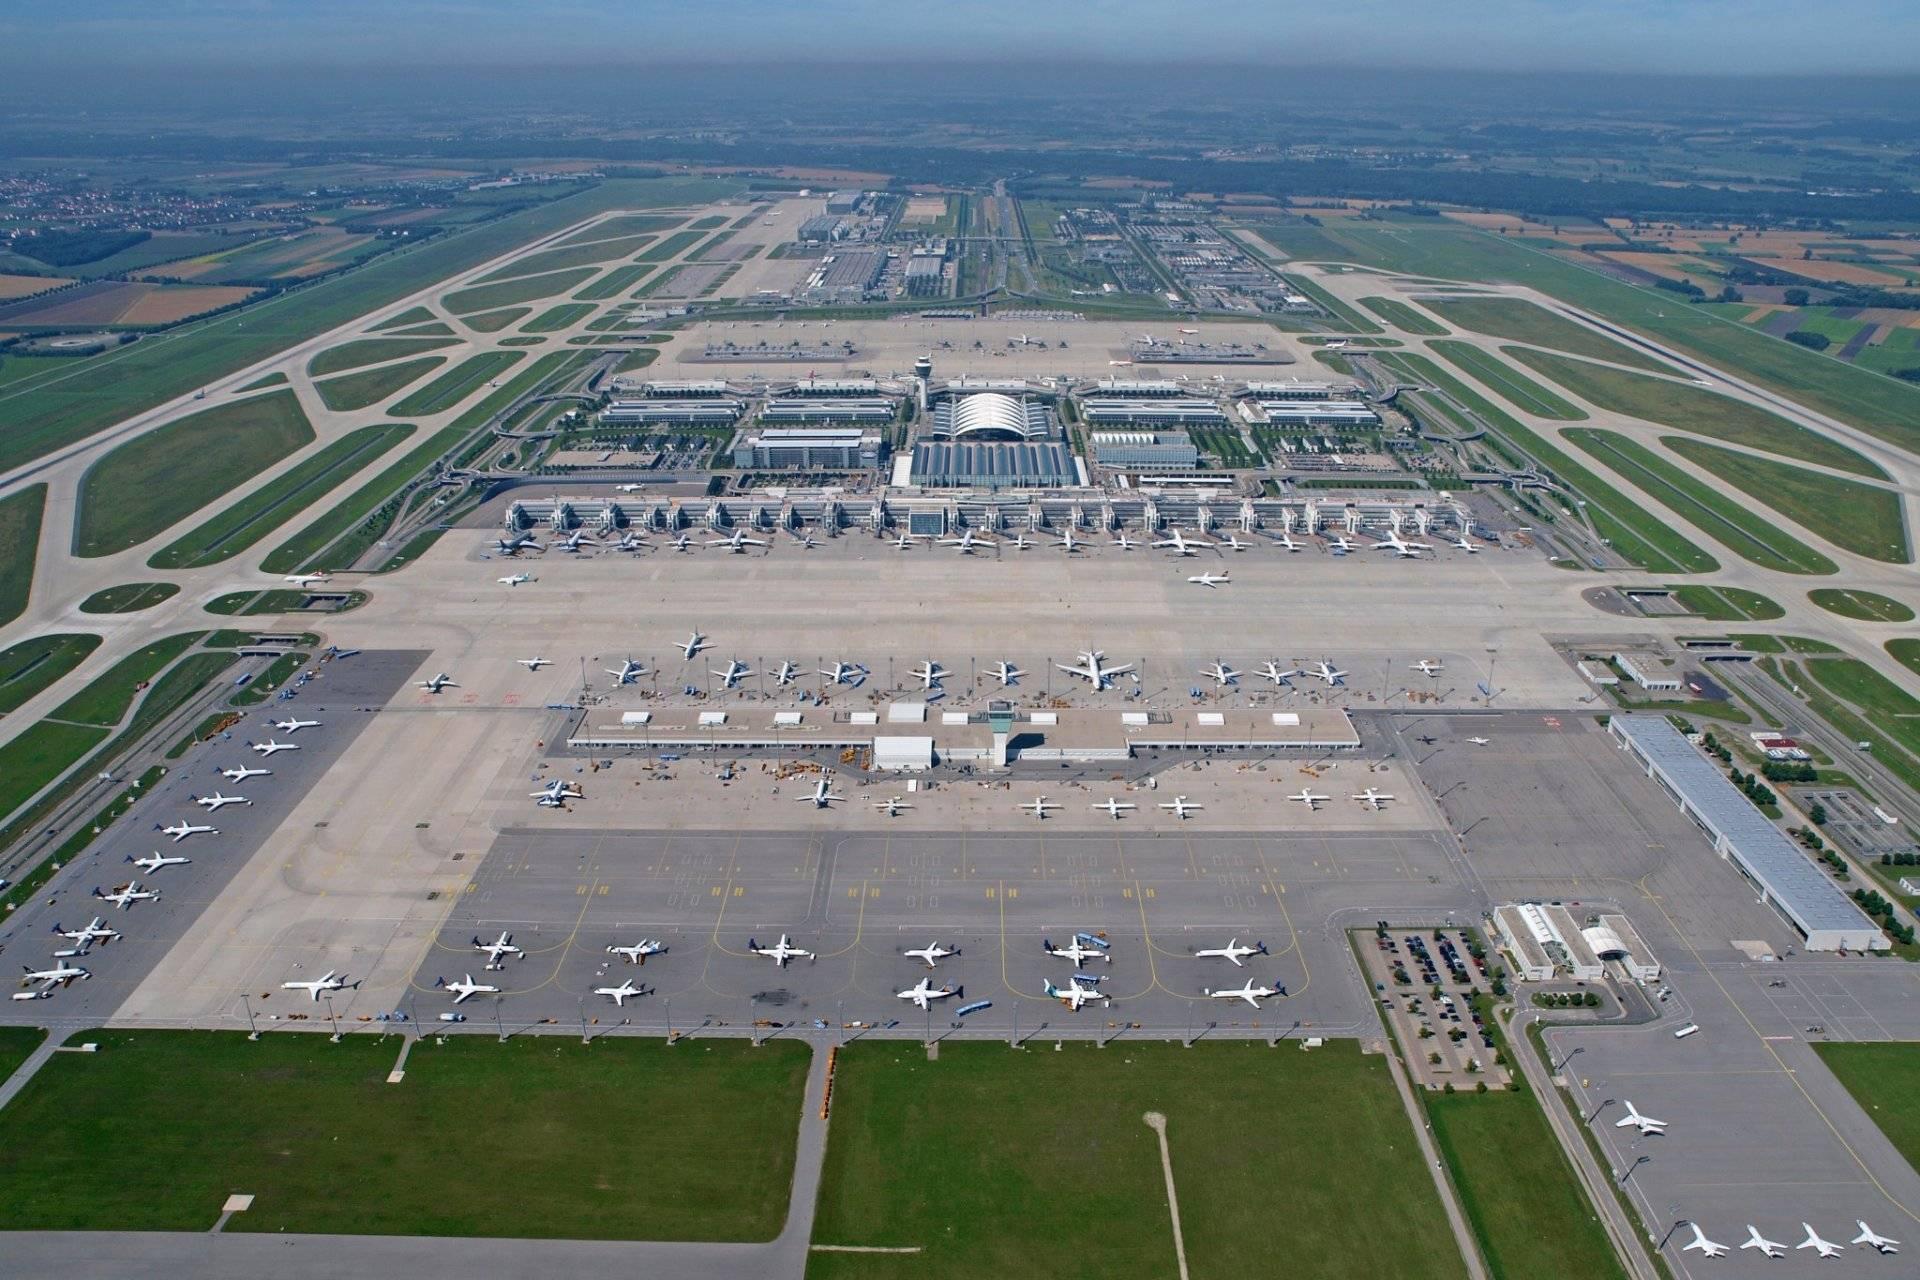 Аэропорт : описание, адрес, время работы - достопримечательности мюнхена